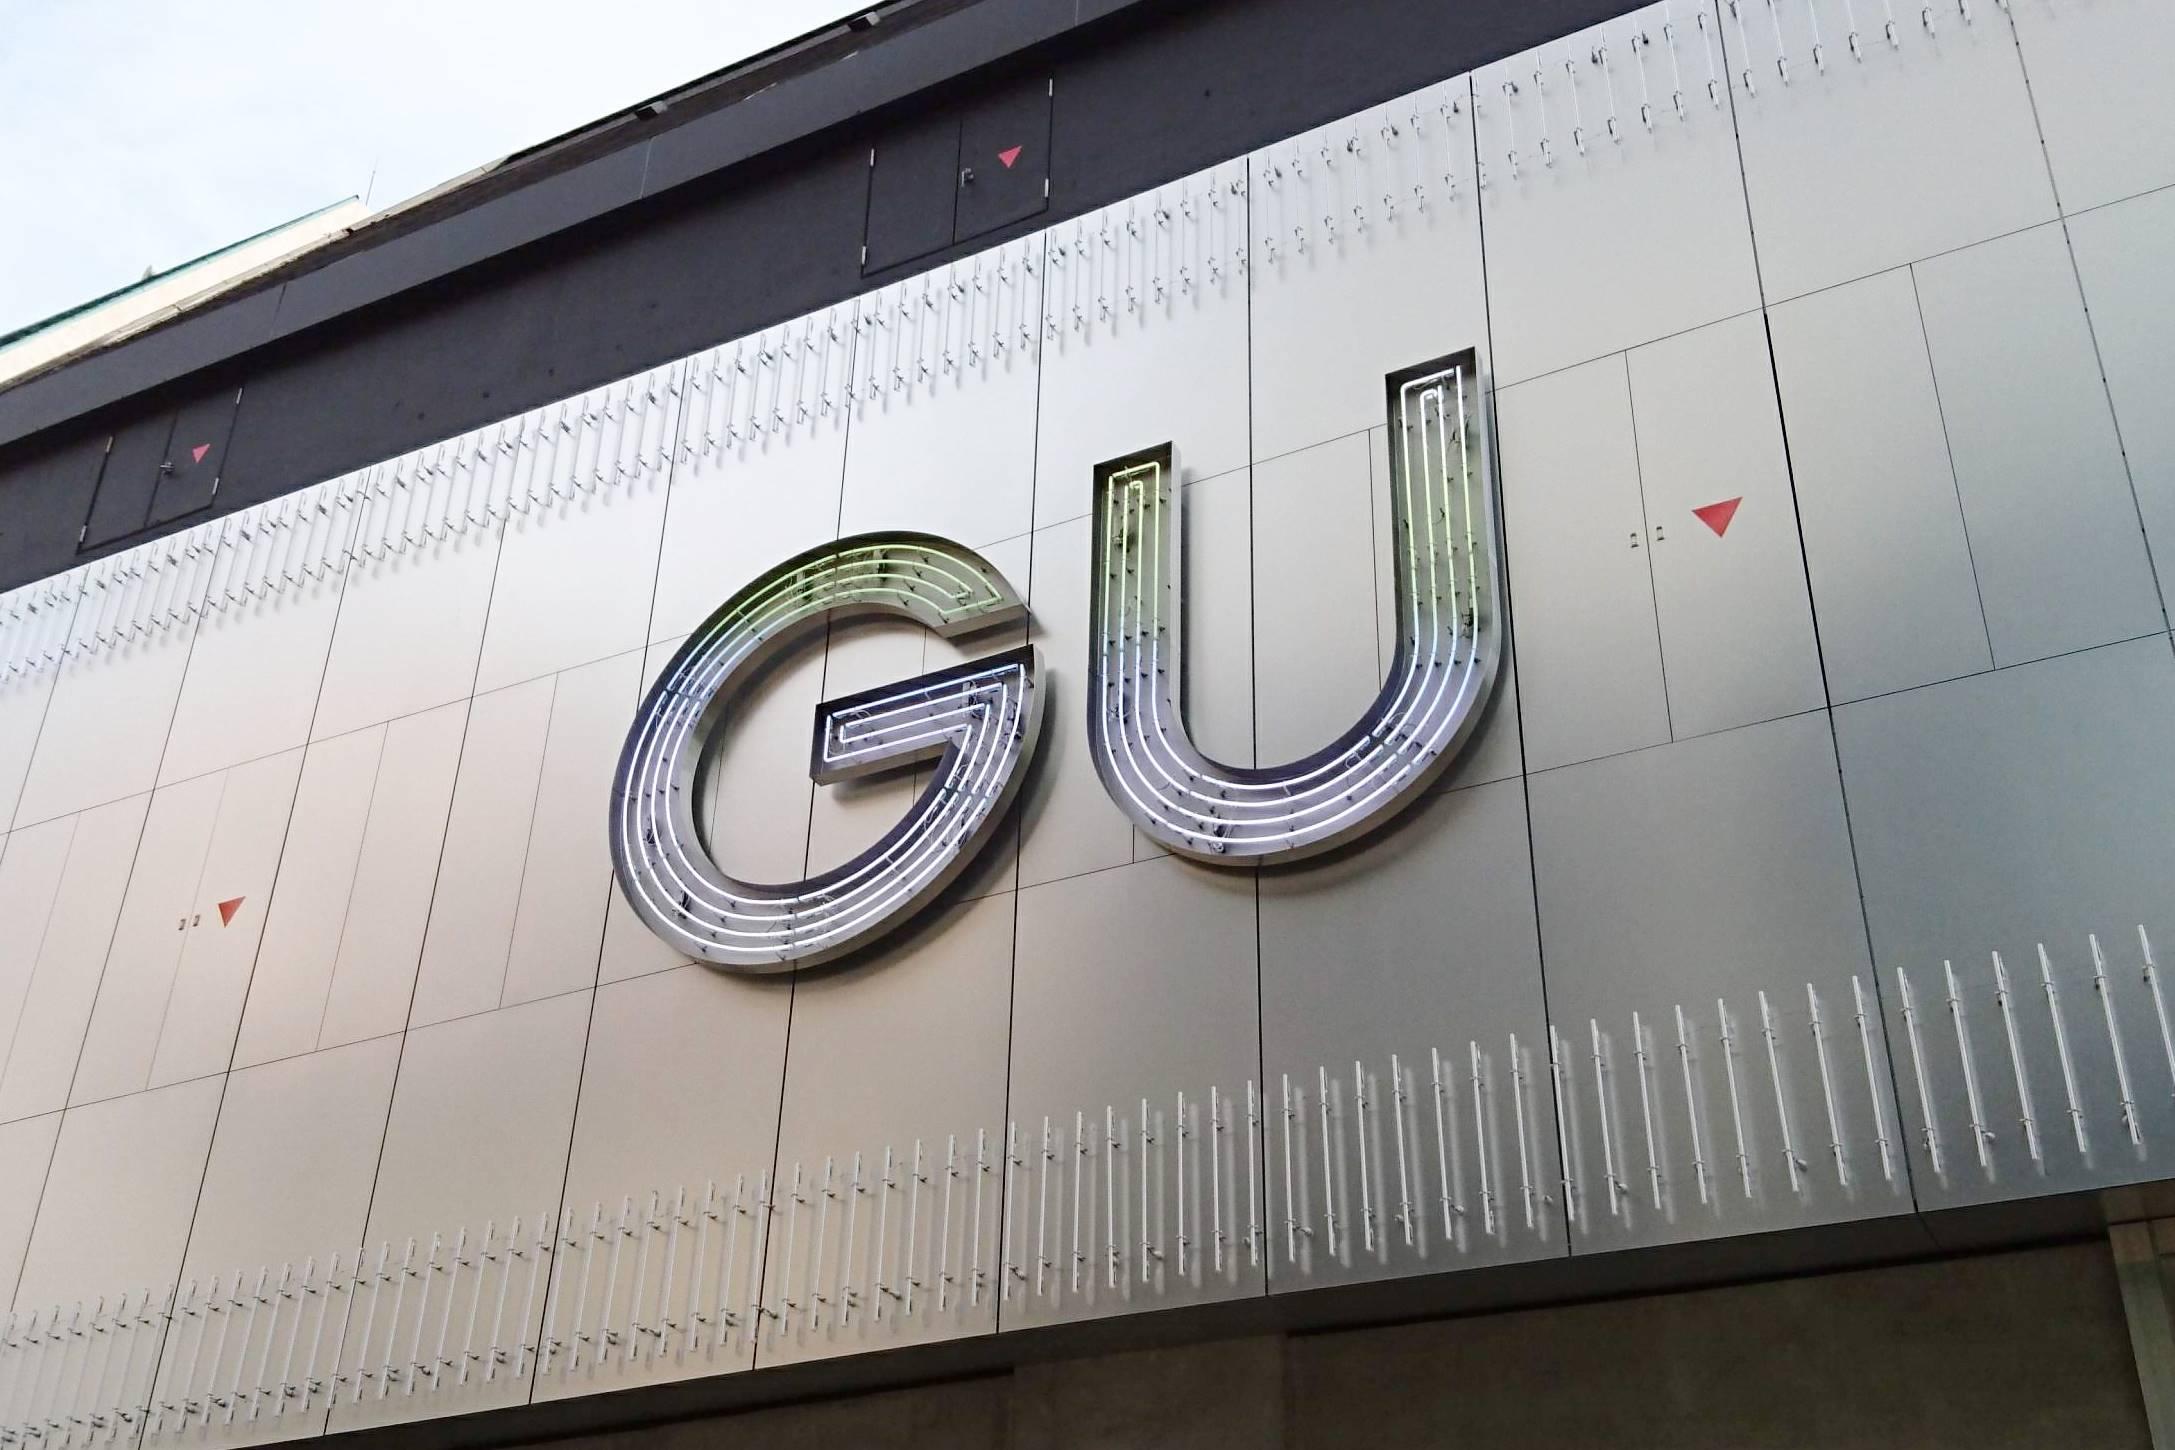 【GU】売切れ続出!サンダルとスニーカーのいいとこ取り♡エスパドリーユとは?